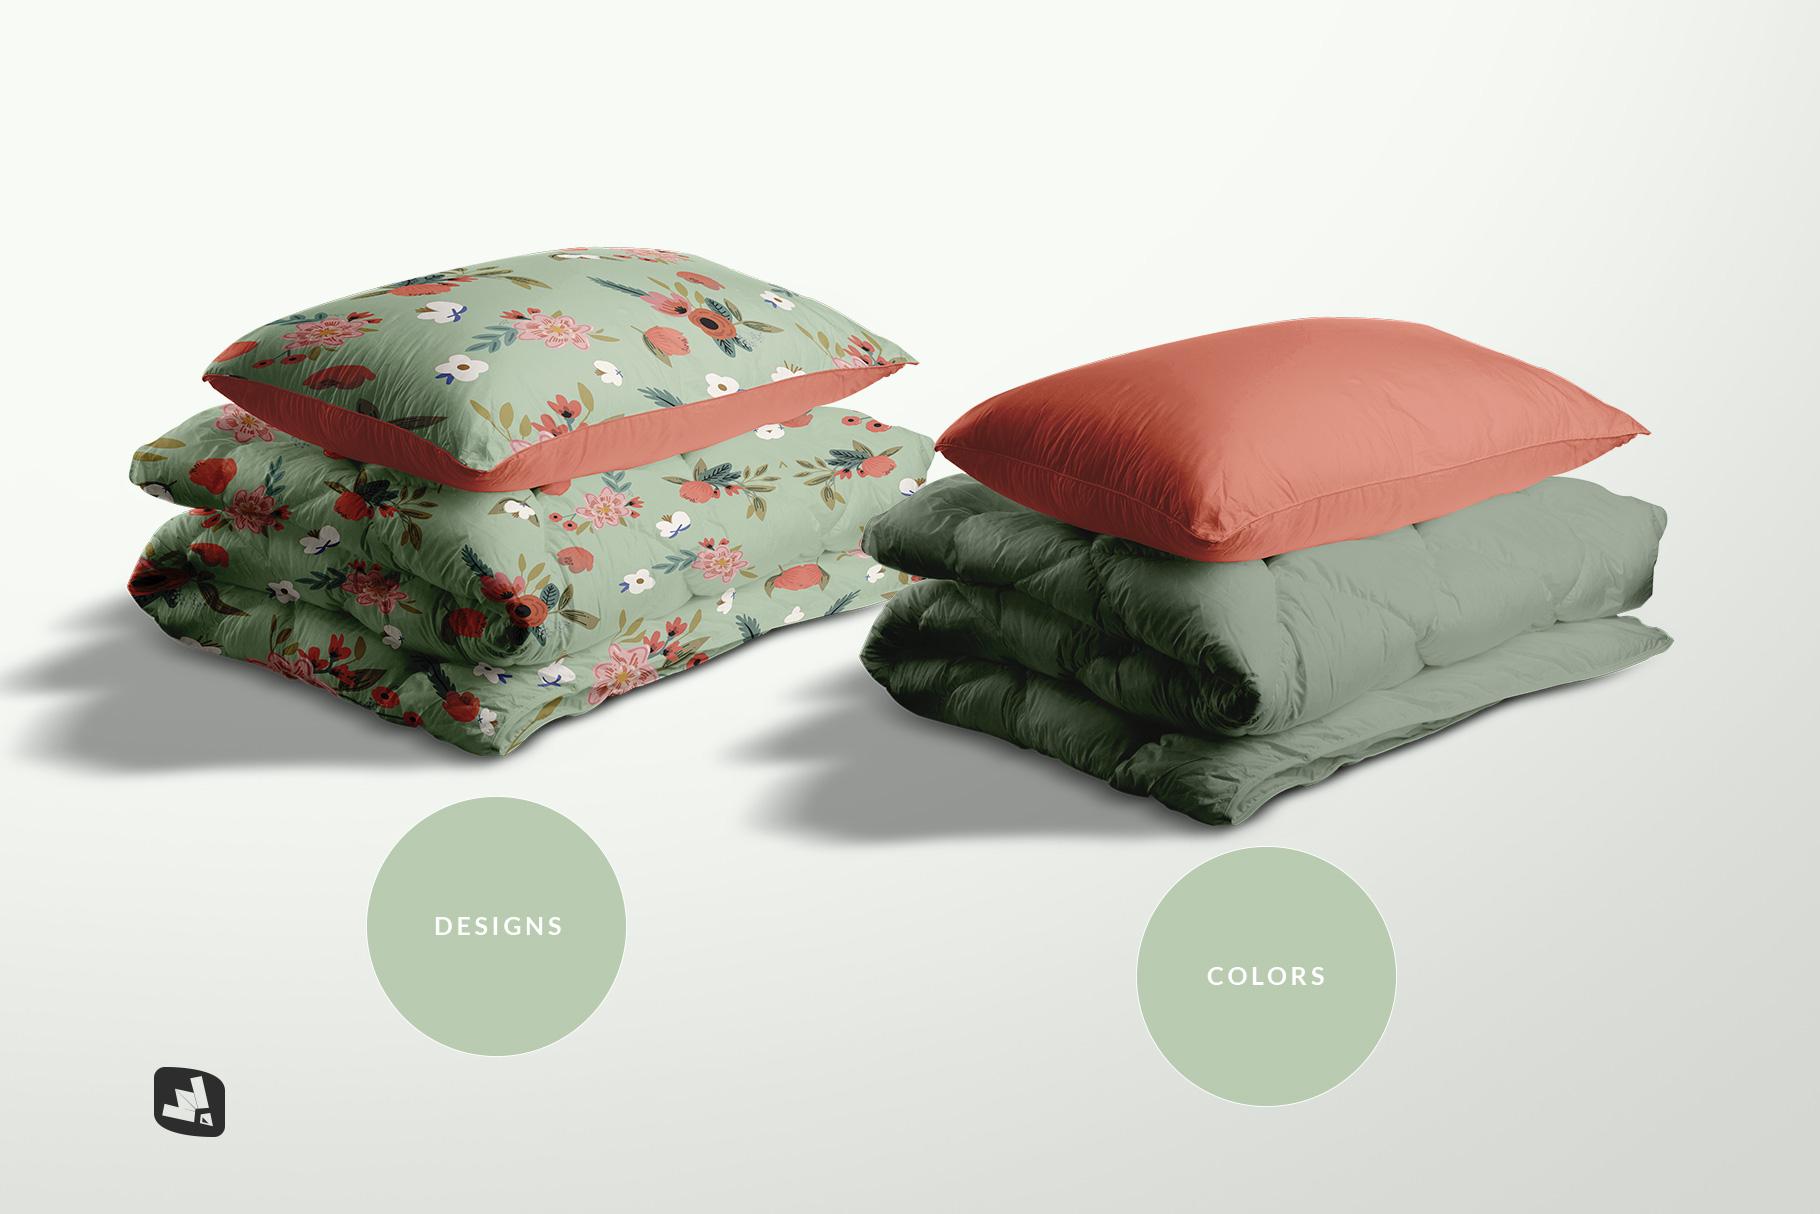 types of the duvet & pillow case mockup